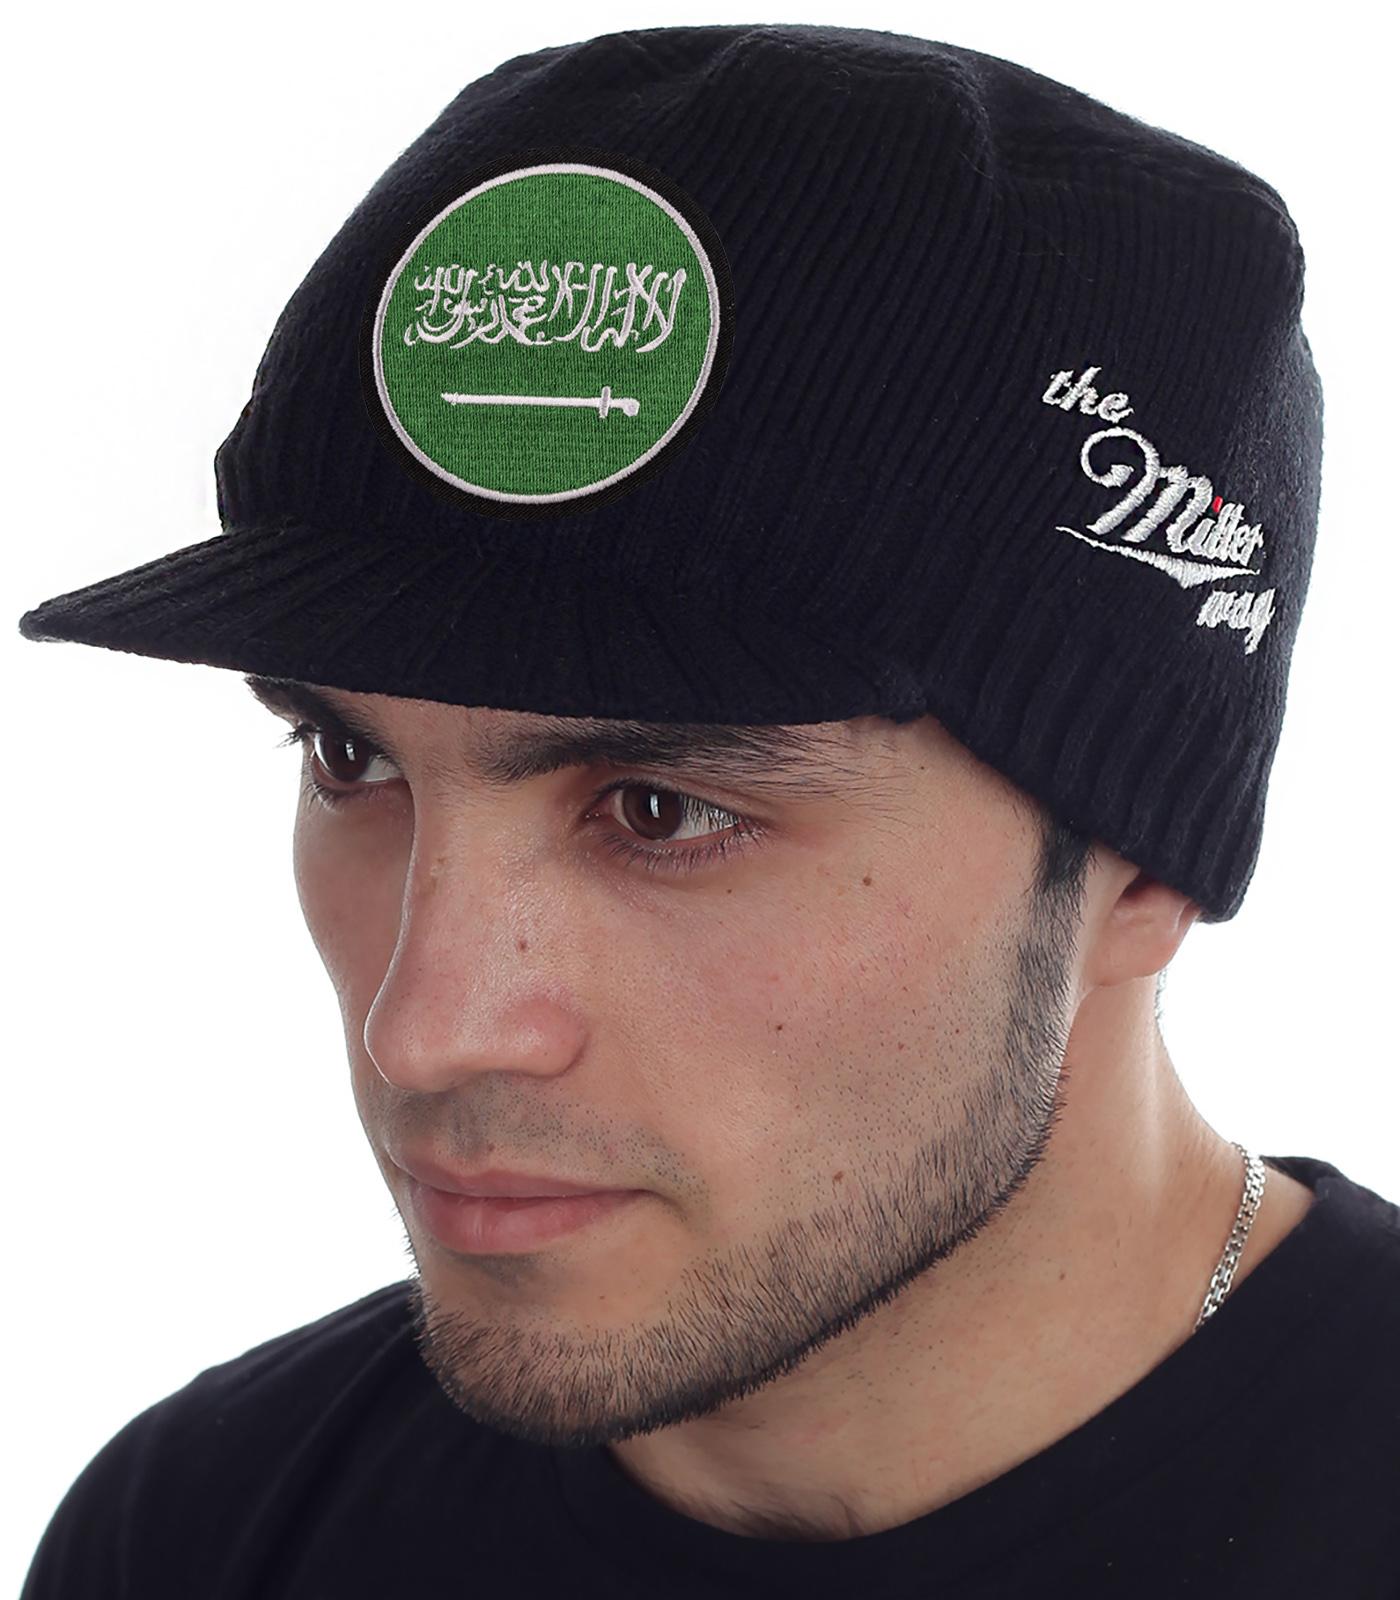 Мужская шапка Miller Way в виде кепки. Утеплённый головной убор с флагом Саудовской Аравии. Глубокая посадка, короткий козырек, приятная пряжа – выбор большинства мужчин и парней